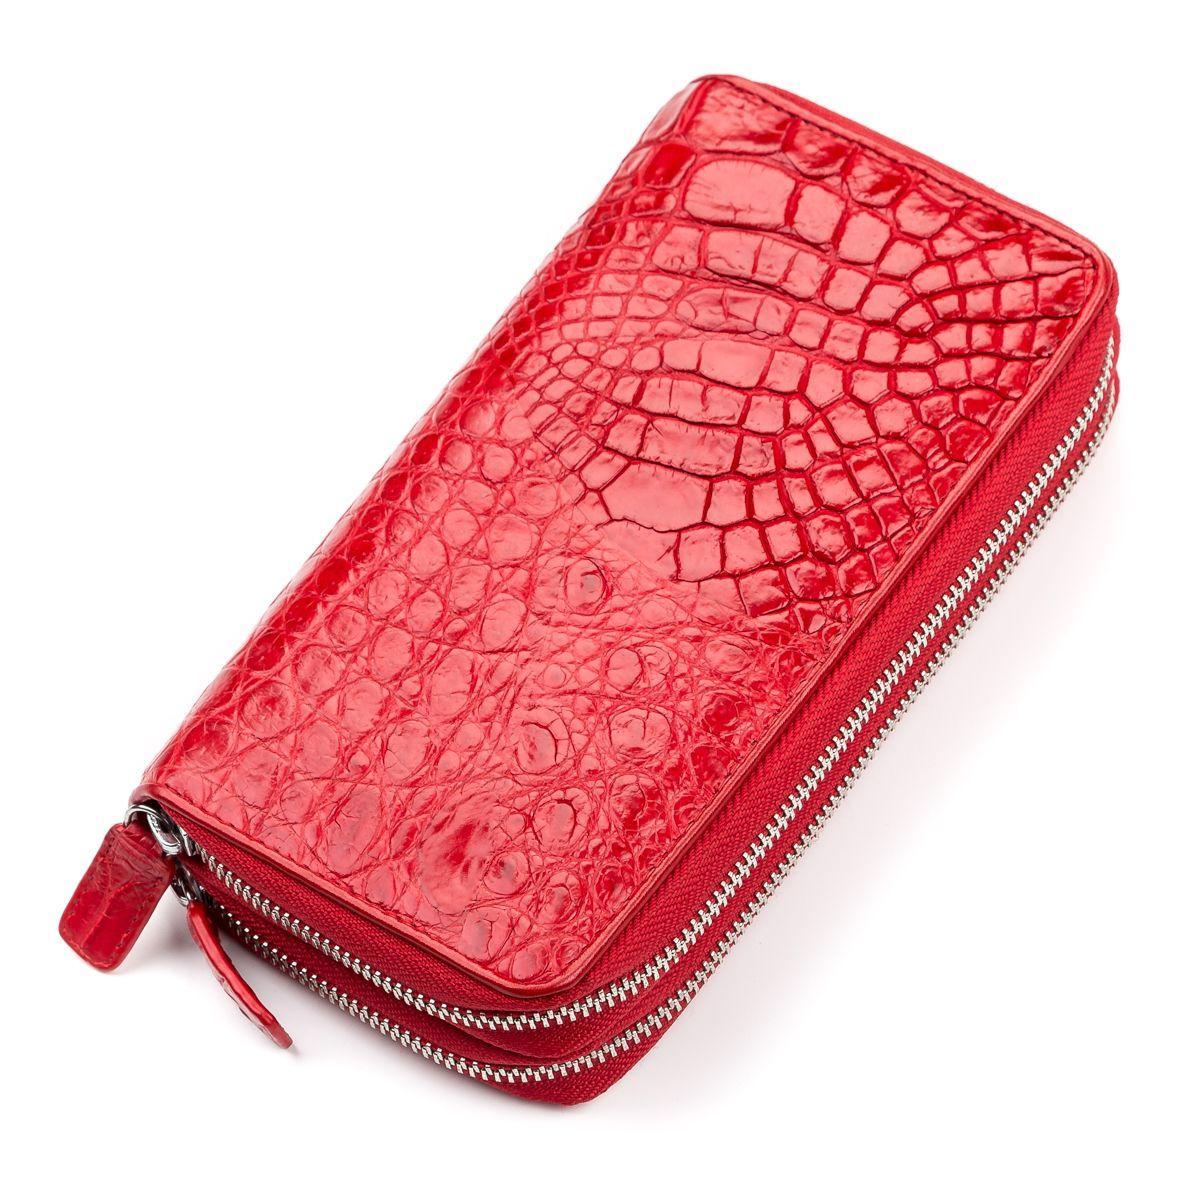 Кошелек- клатч женский Ekzotic Leather из натуральной кожи крокодила Красный (cw 45)